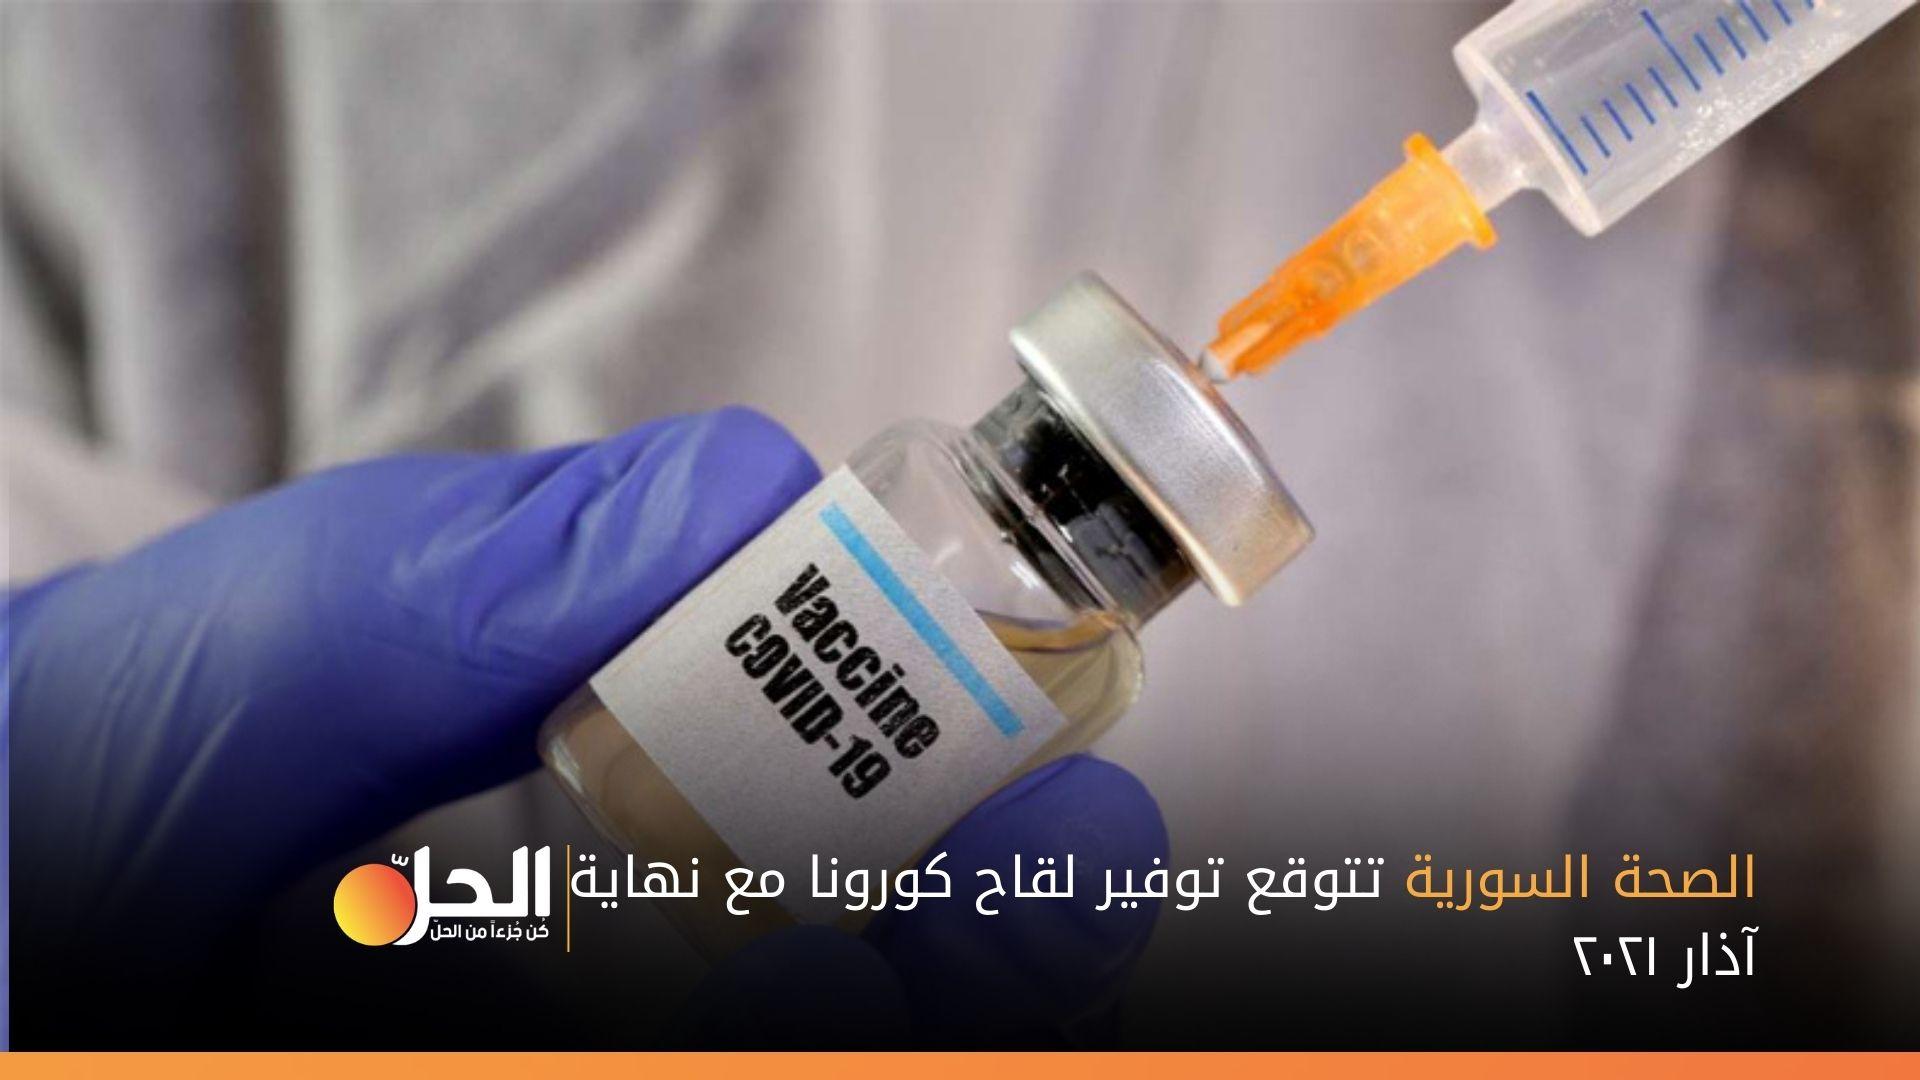 الصحة السورية تتوقع توفير لقاح كورونا مع نهاية آذار ٢٠٢١